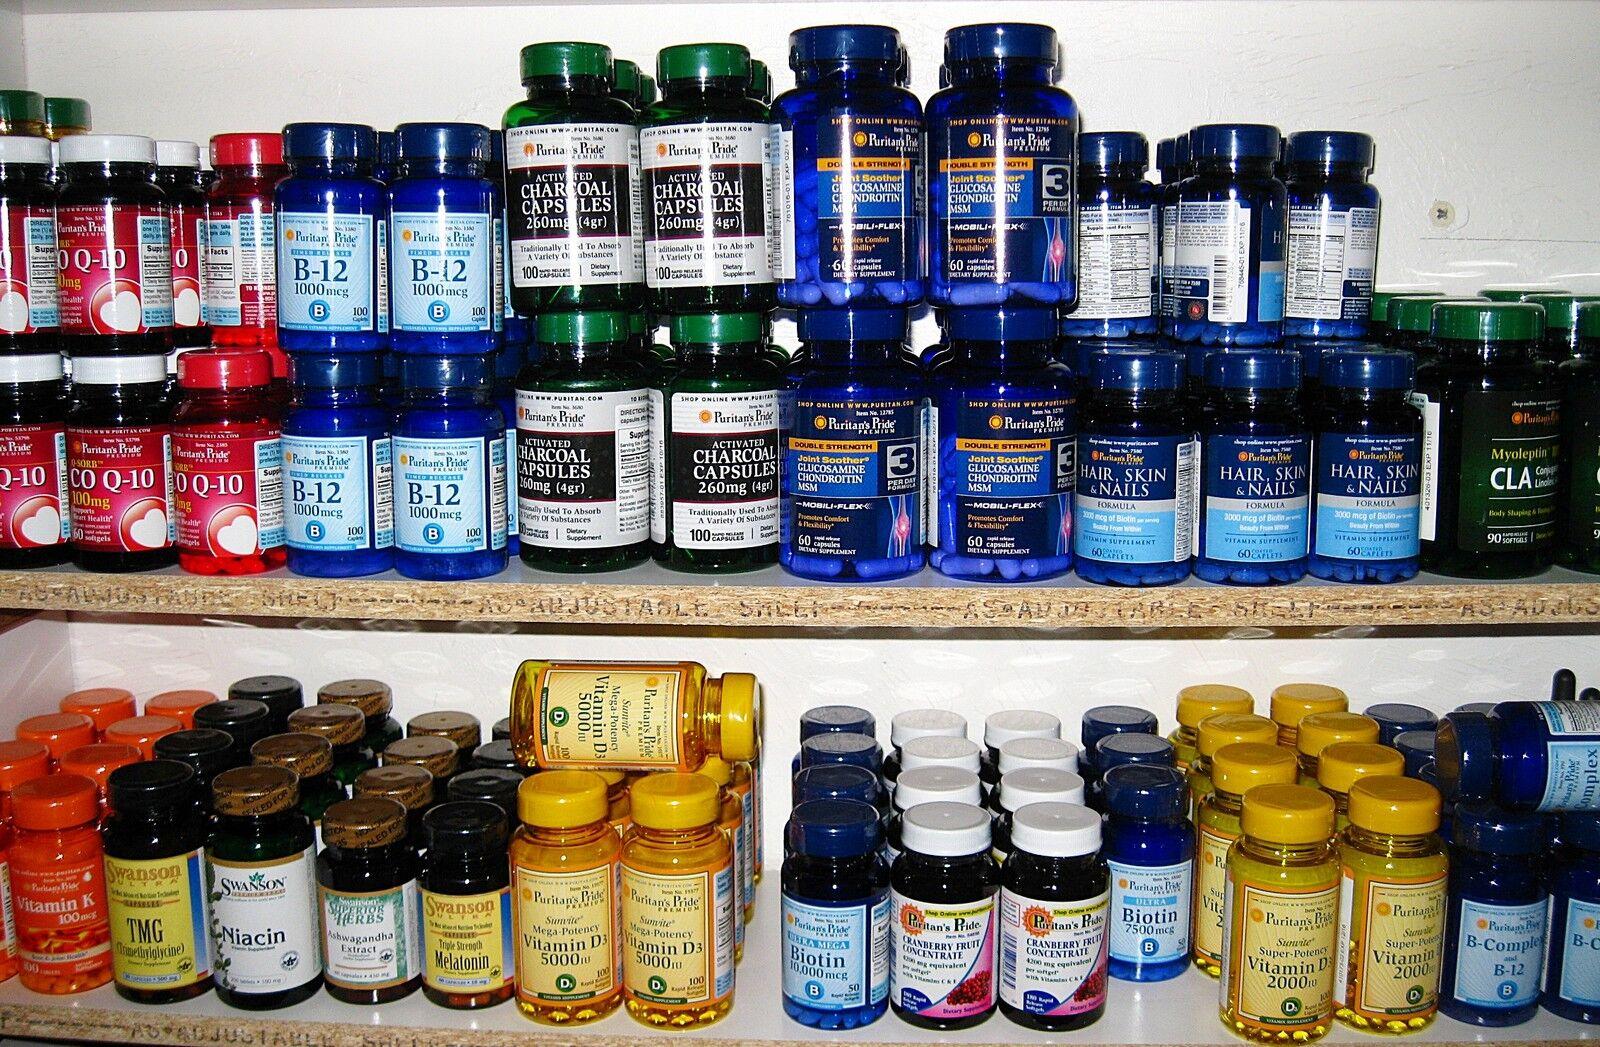 Herbal Health 101